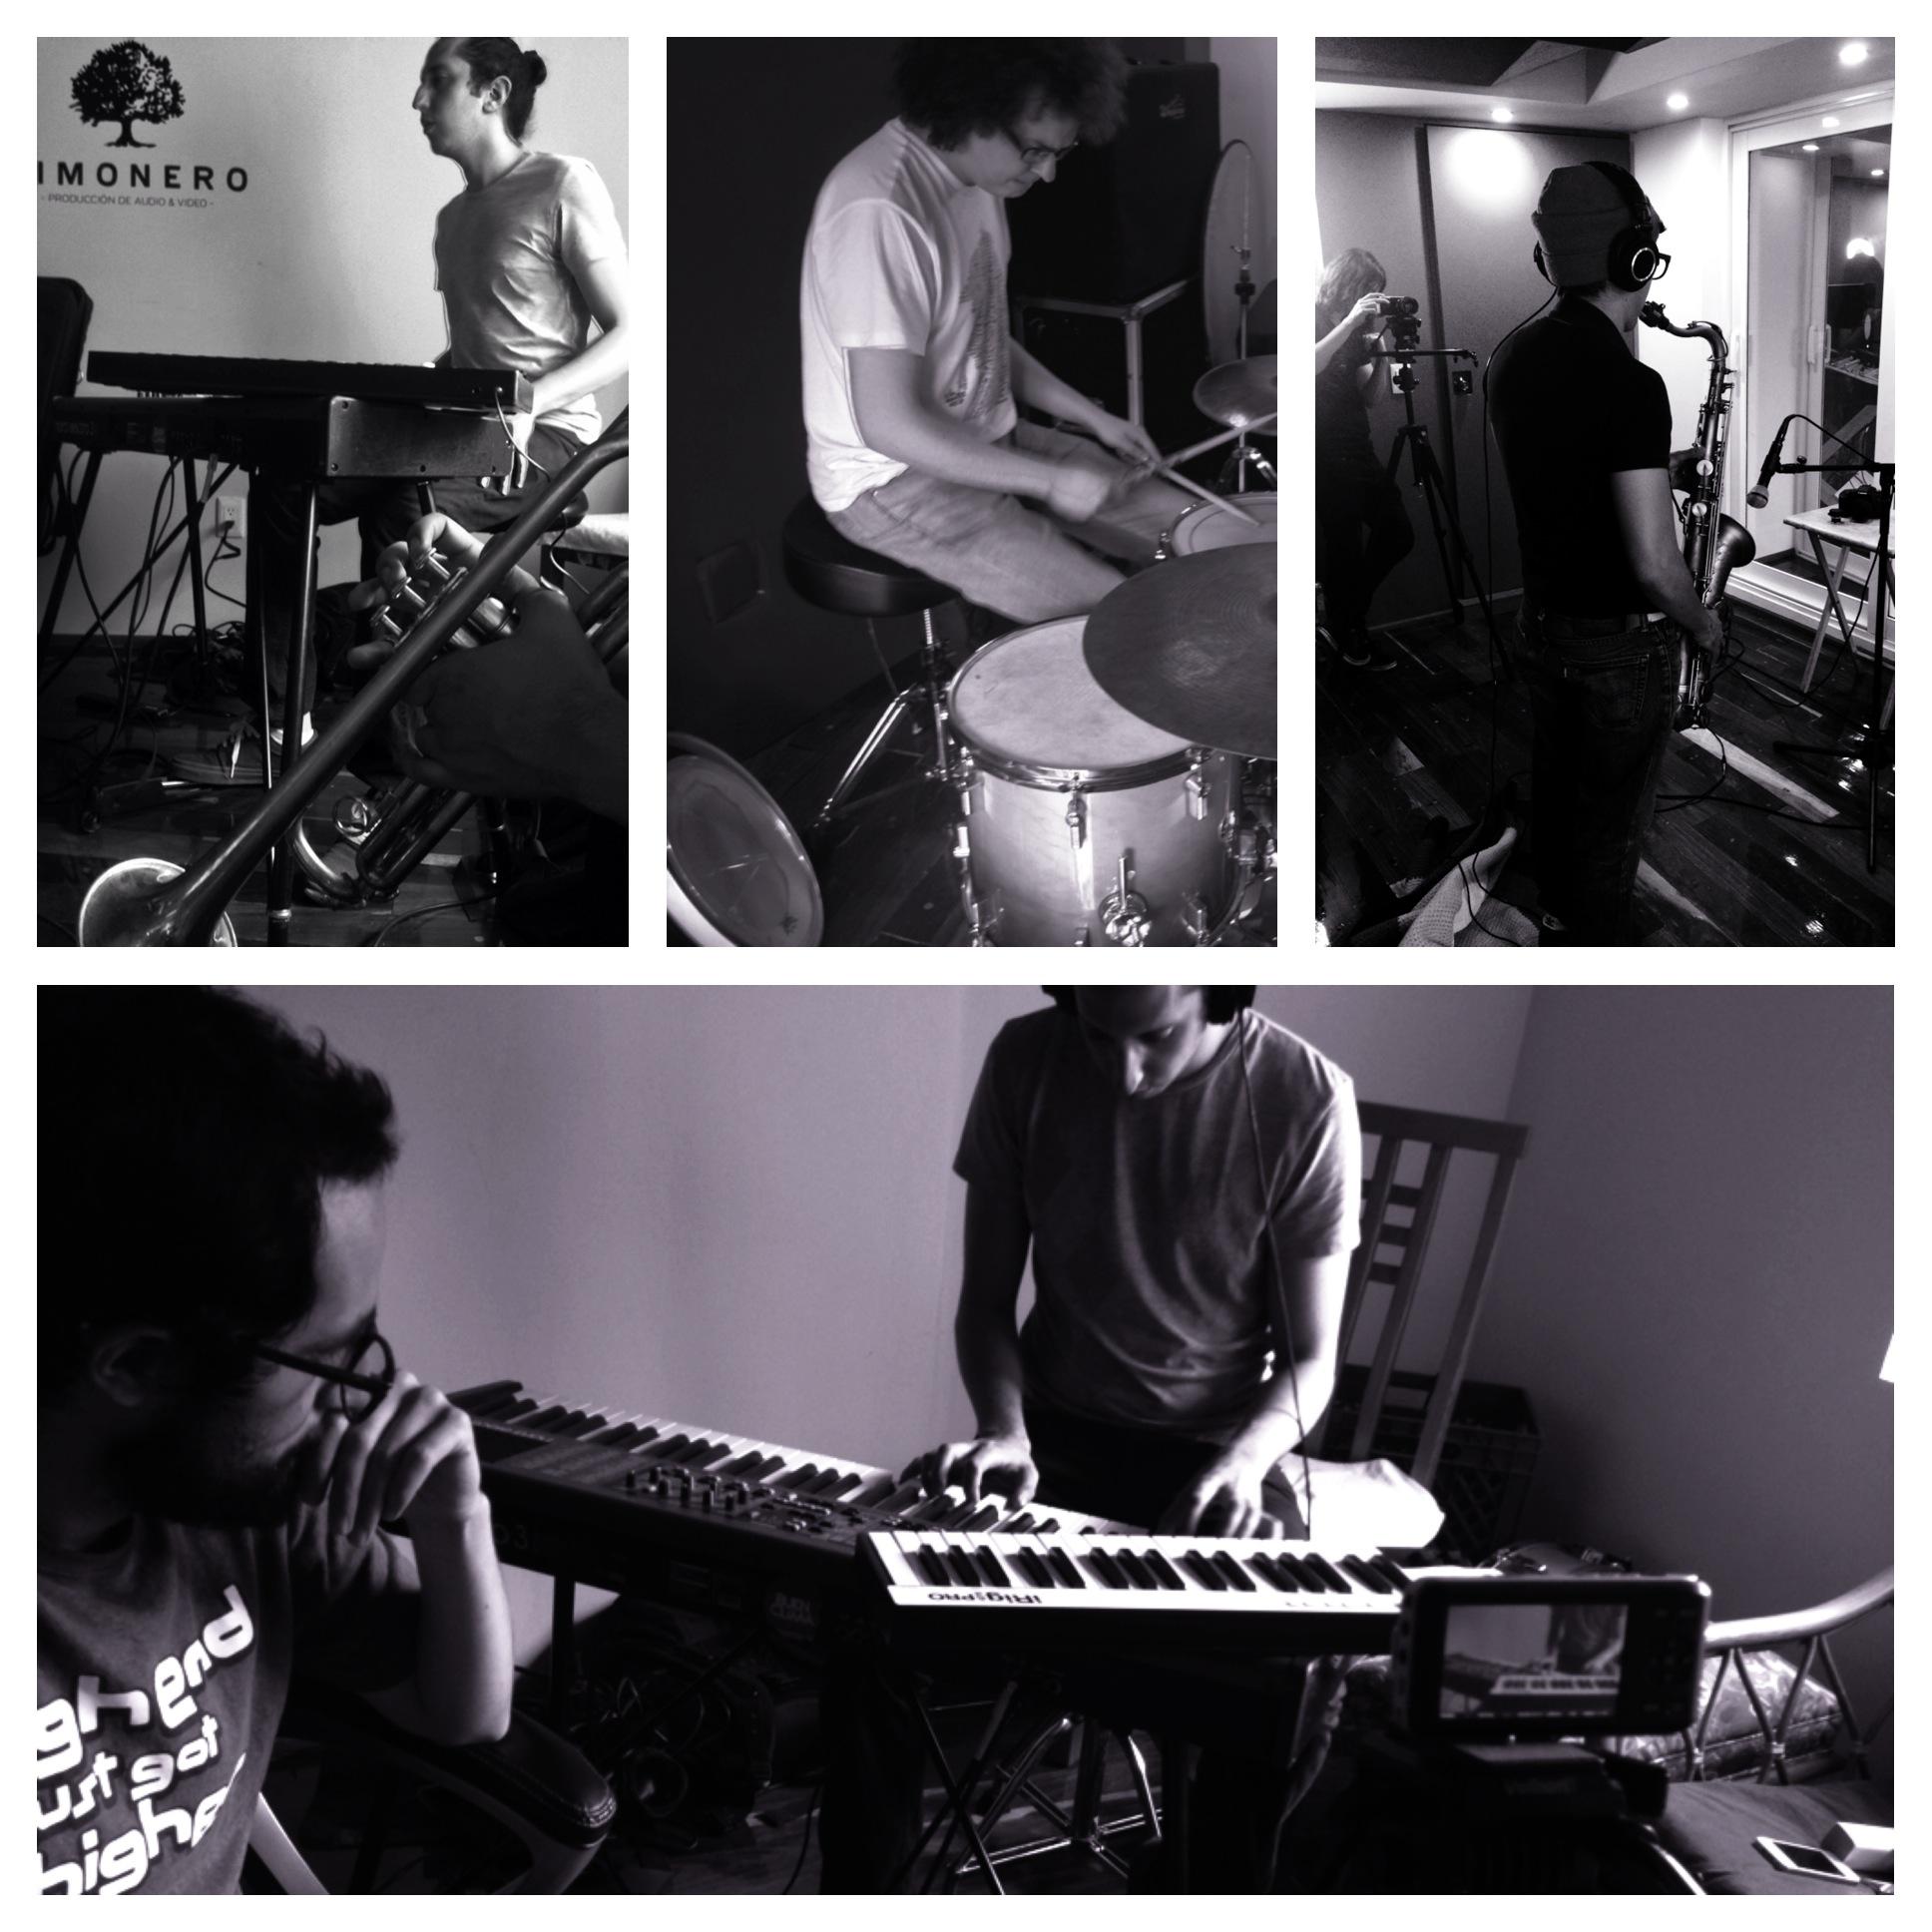 Sesión de grabación de Cumbé, en el Limonero Studio.